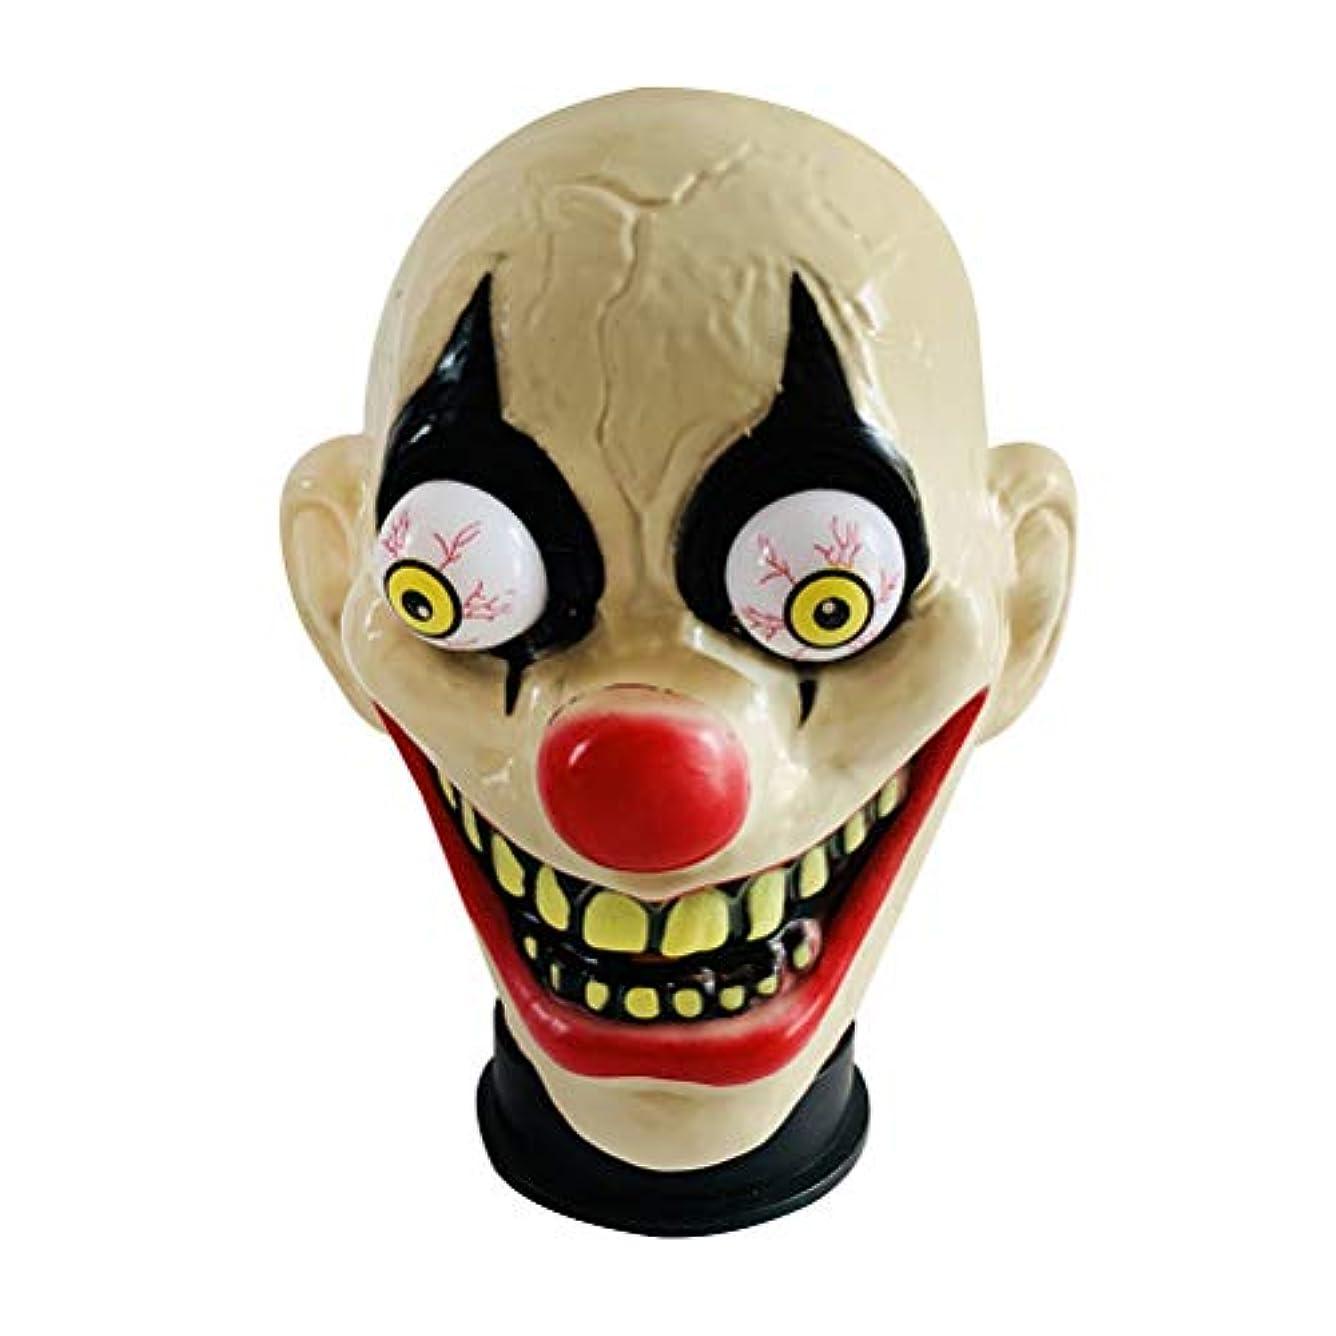 特定のサリー悲しむBESTOYARD ハロウィーン怖いピエロマスクテロホラーピエロヘッドカバーハロウィンコスプレパーティー用男性用マスク(ピエロタイプ)